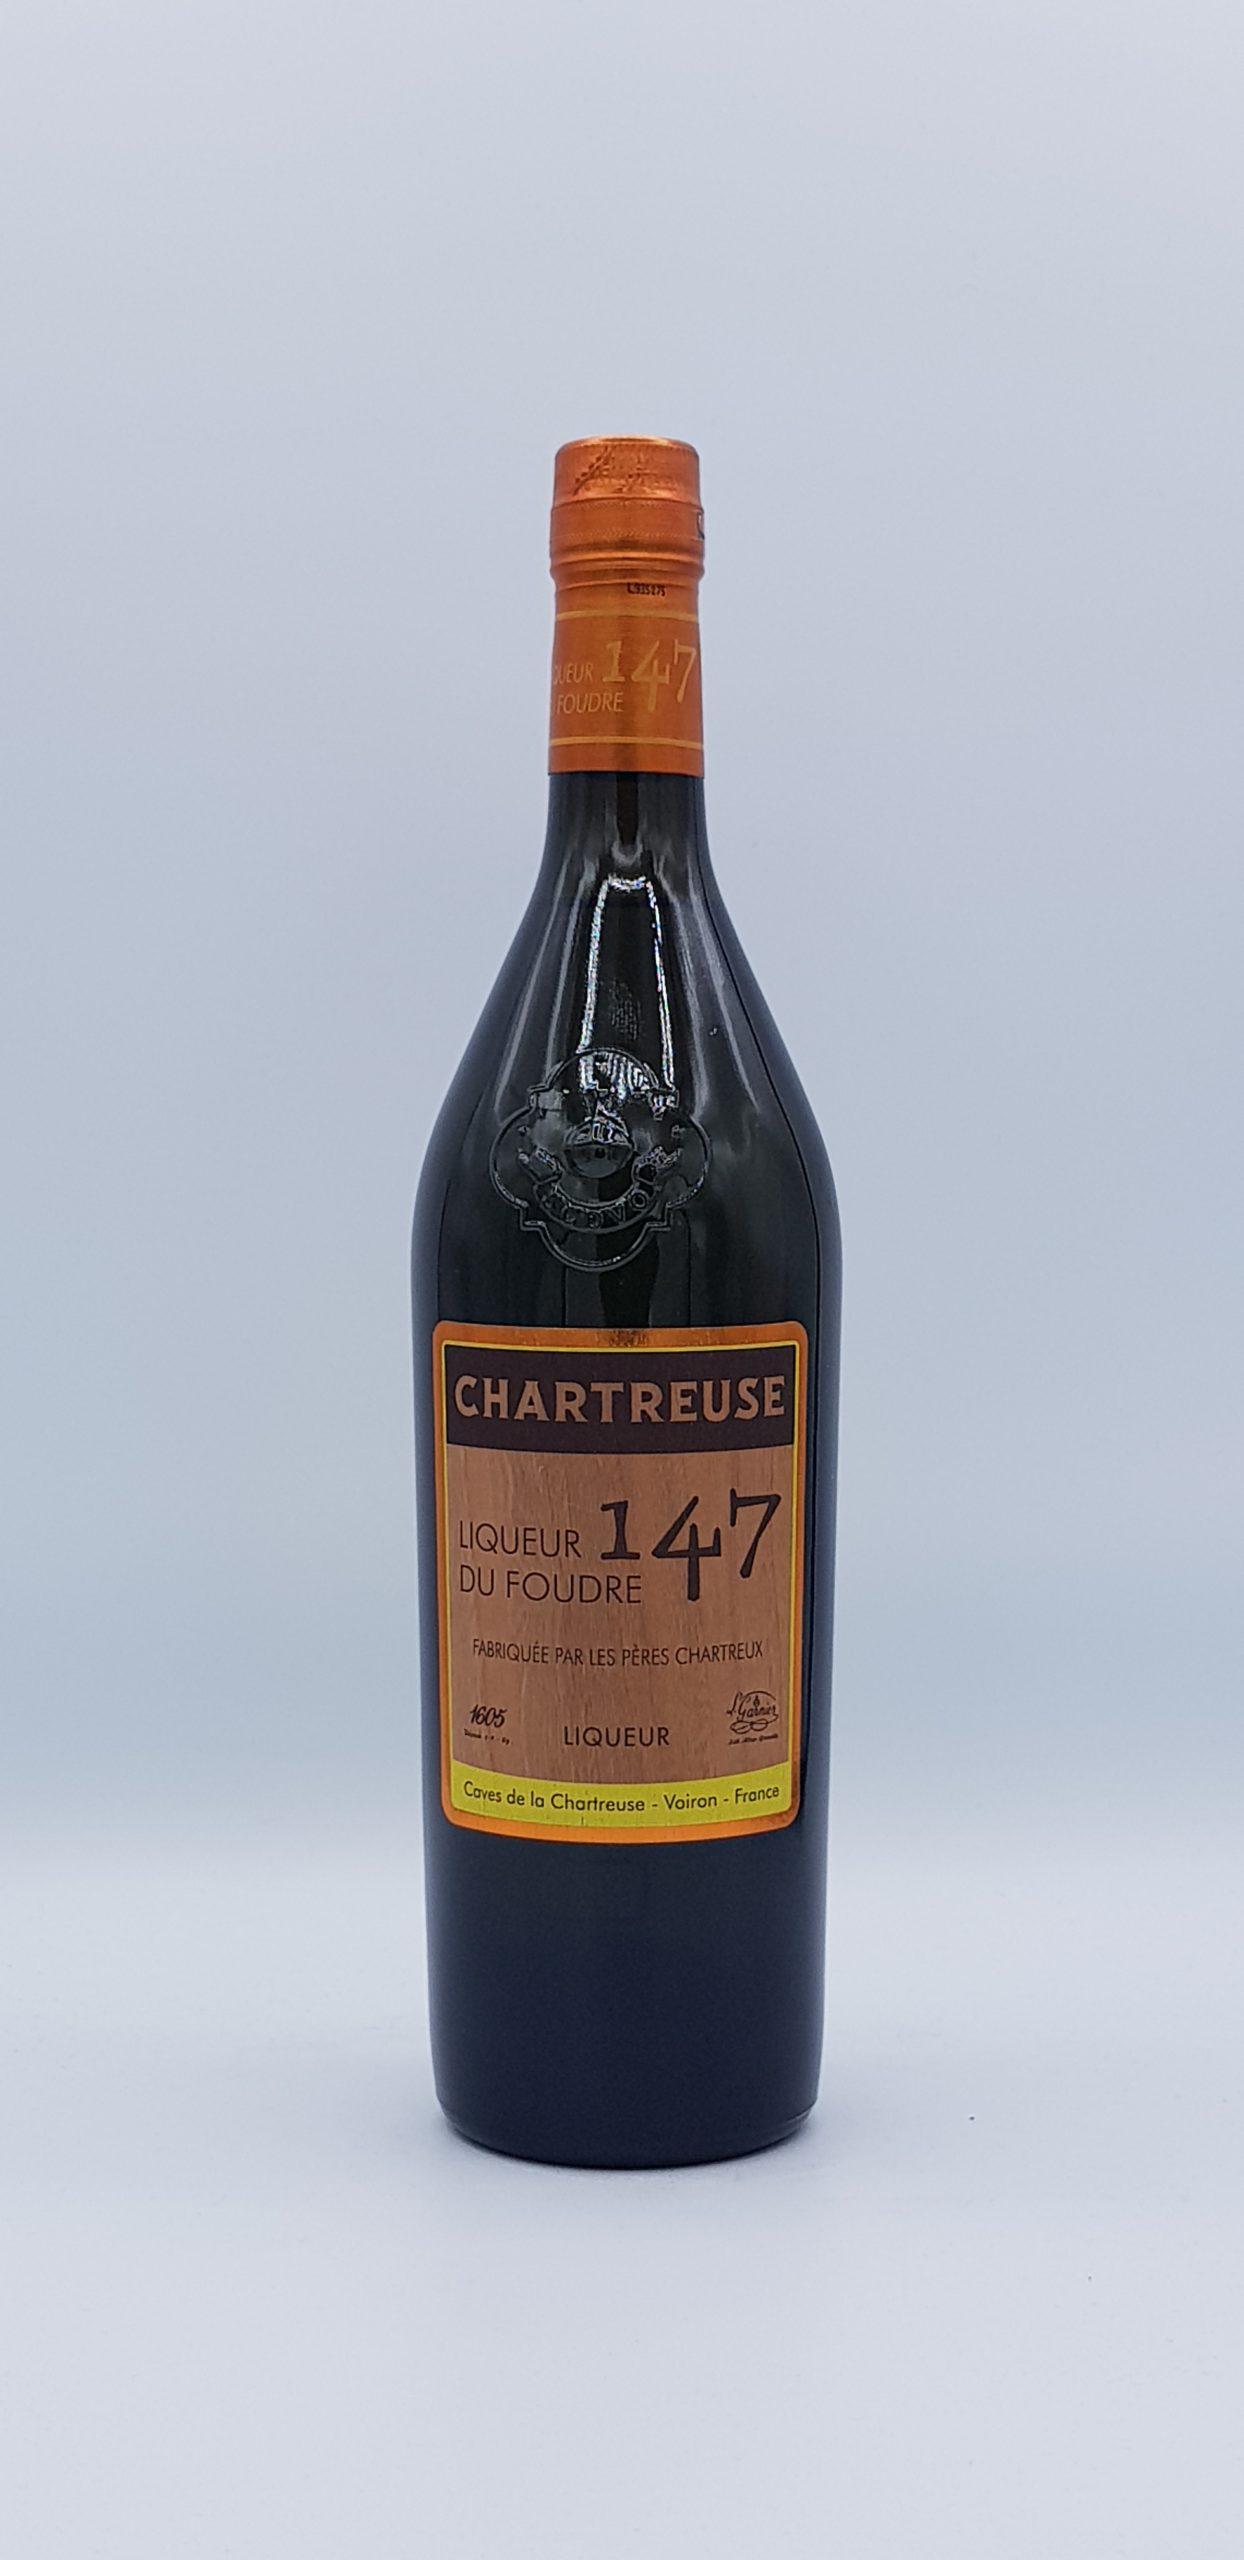 Chartreuse Liqueur du Foudre 147 70 cl